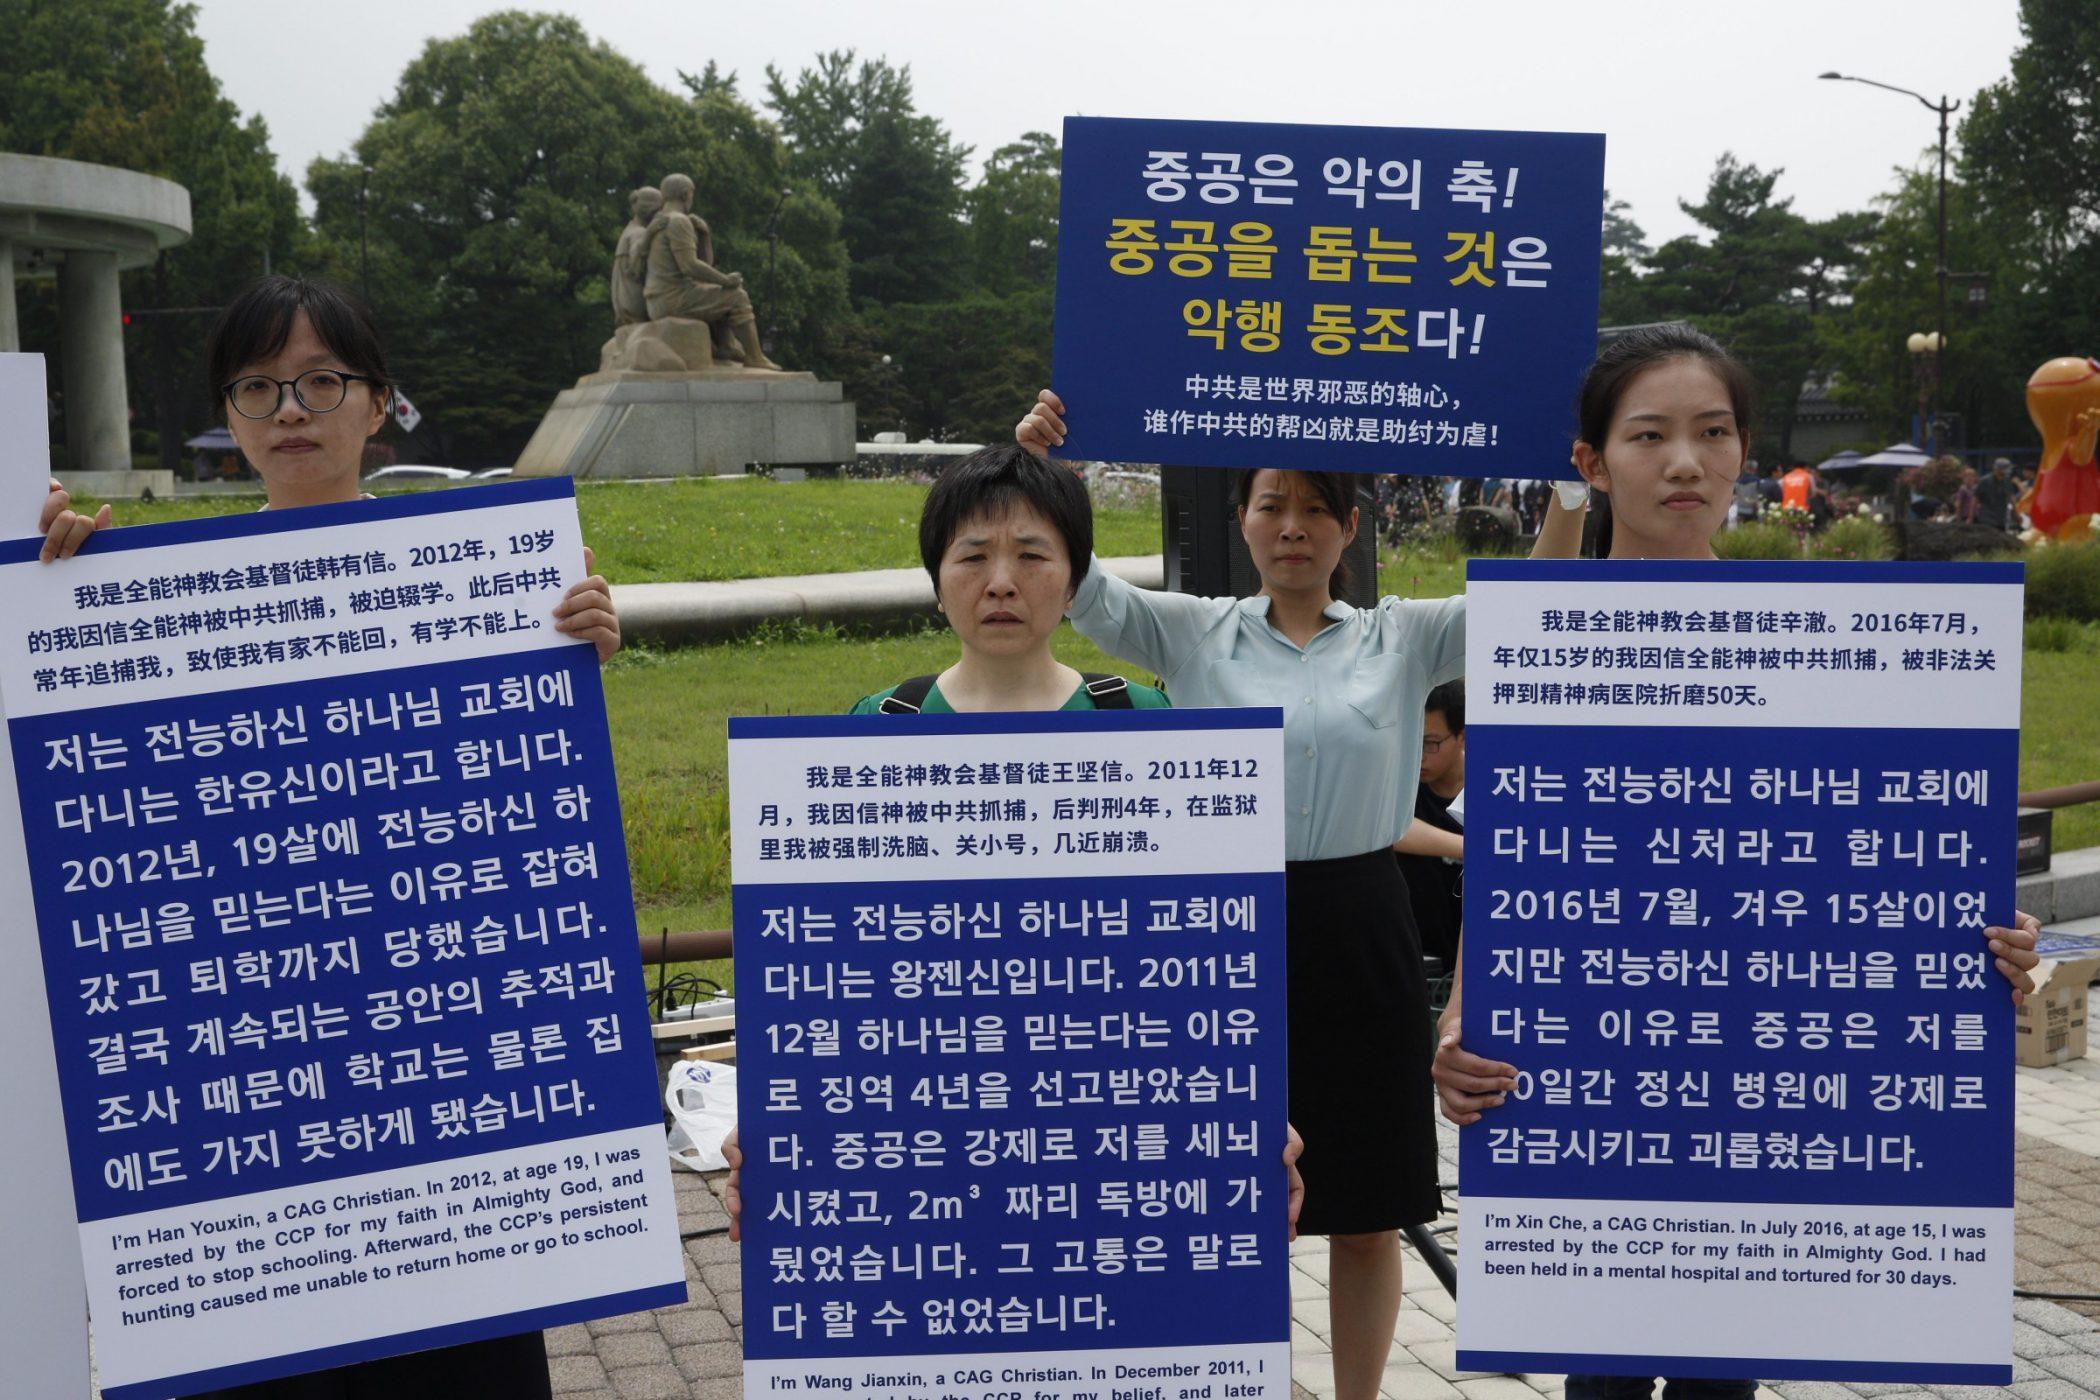 全能神教会基督徒辛澈、王坚信、韩有信举牌简述受迫害经历